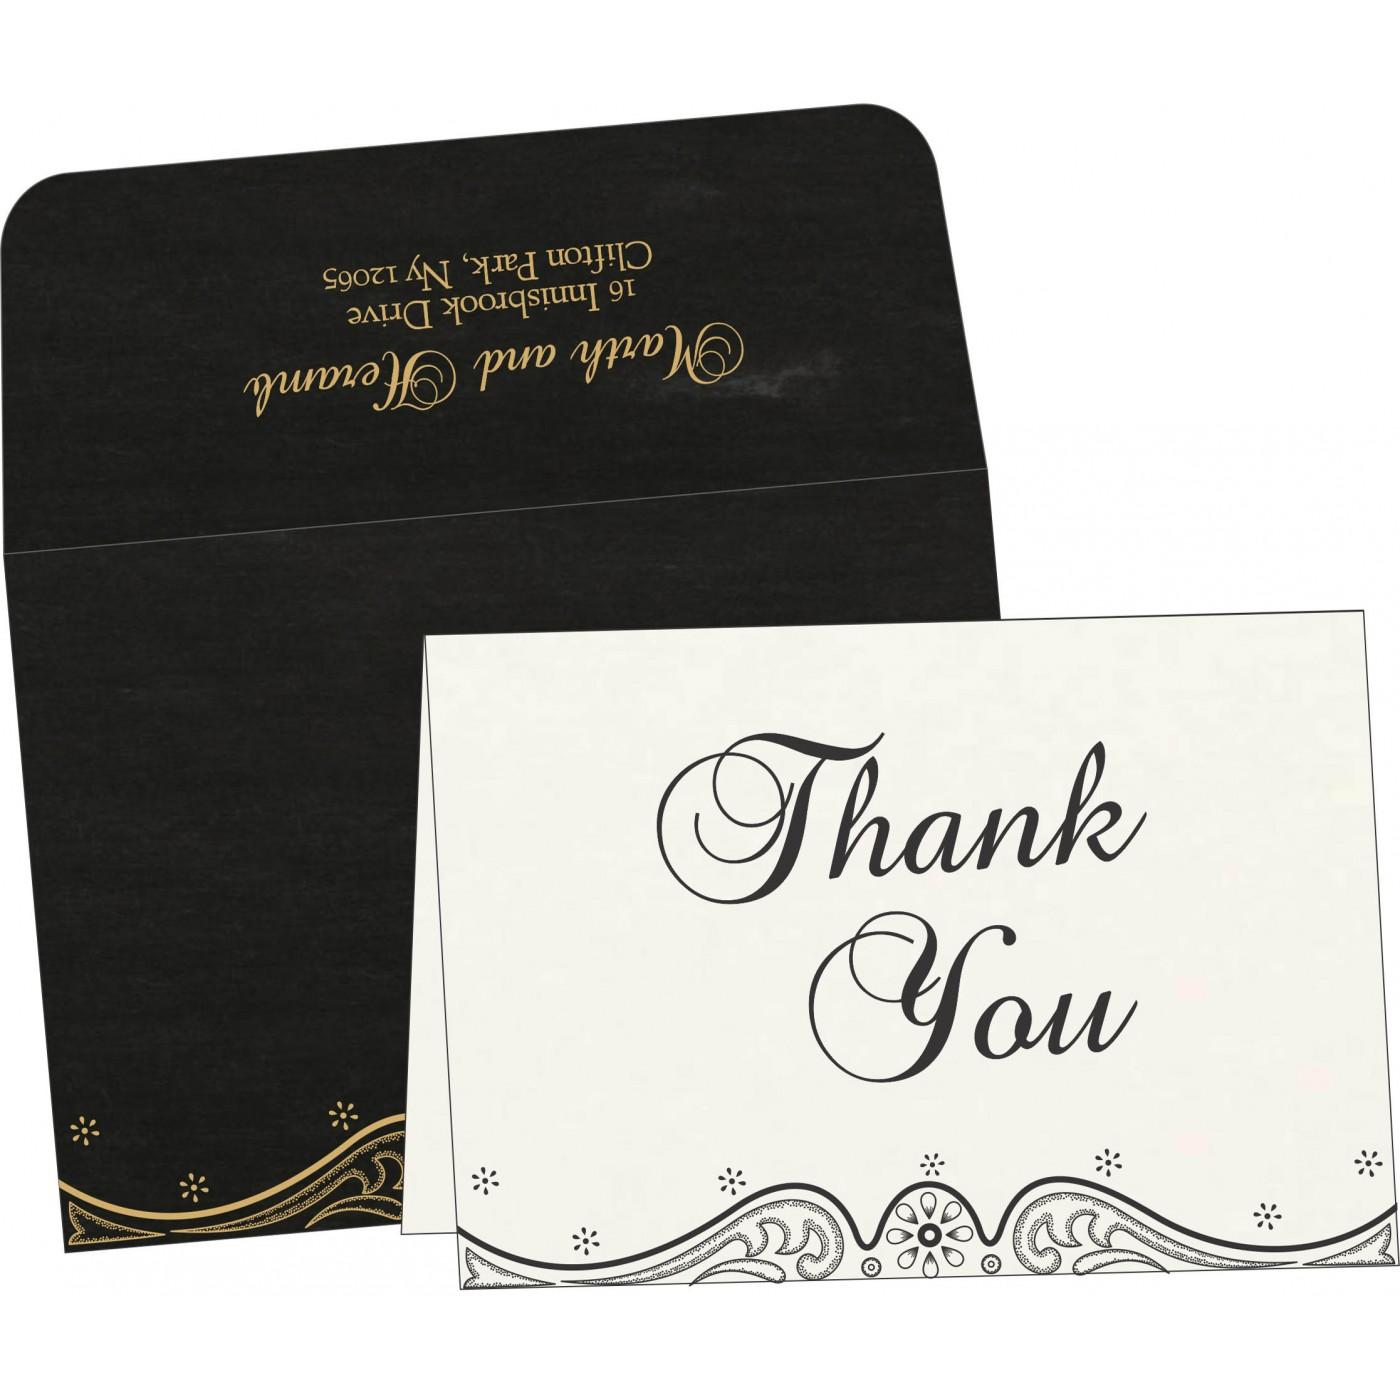 Thank You Cards : TYC-8221N - 123WeddingCards